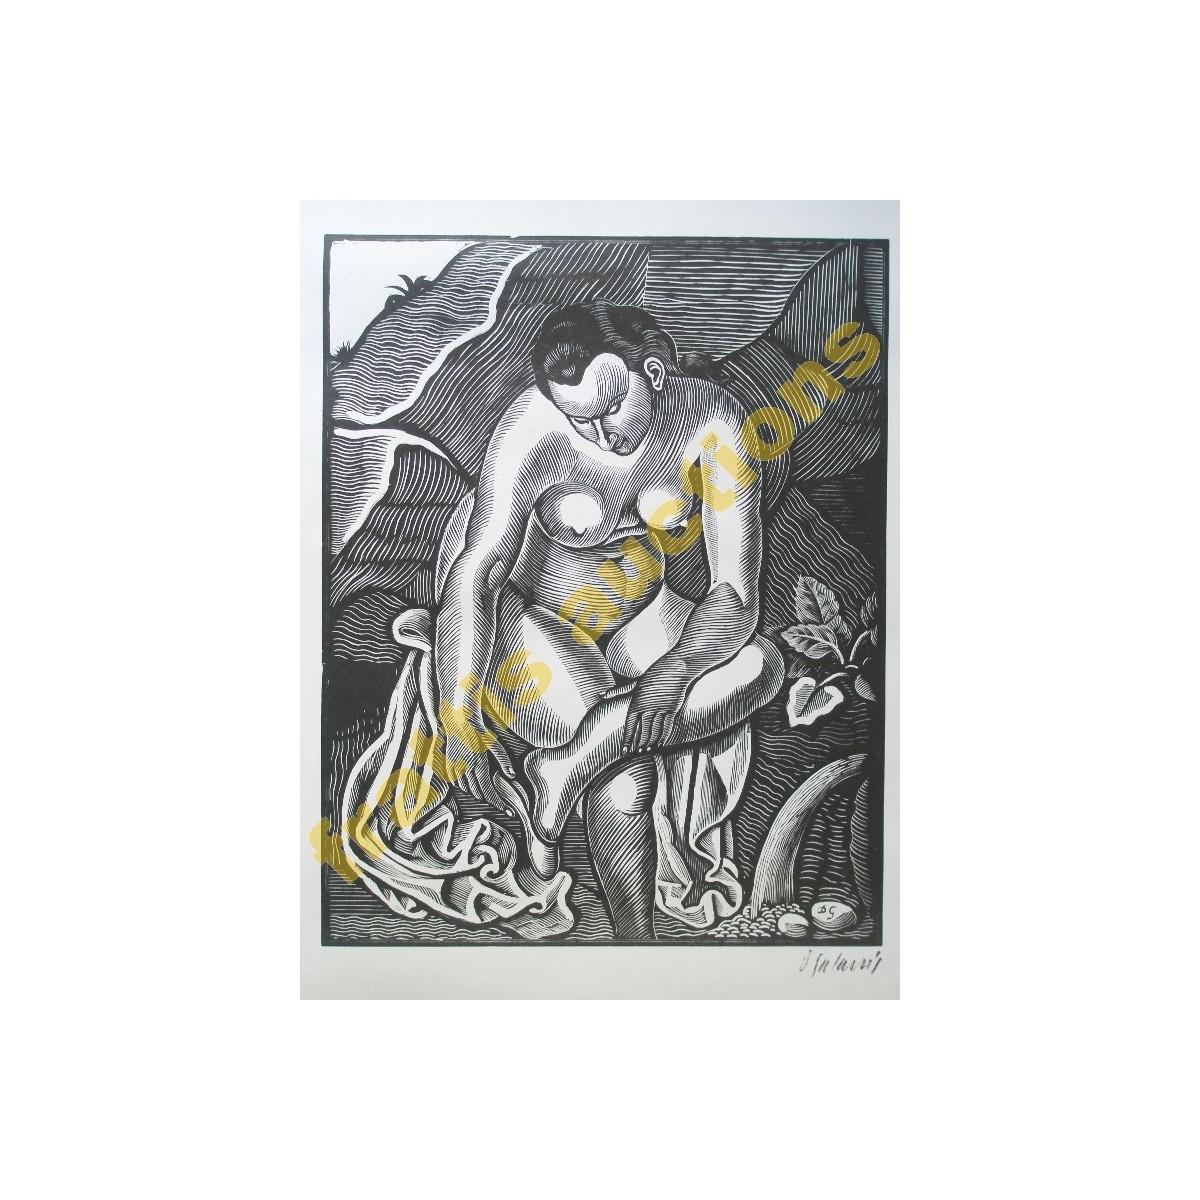 Γαλάνης, Η γυναίκα με το σανδάλι.